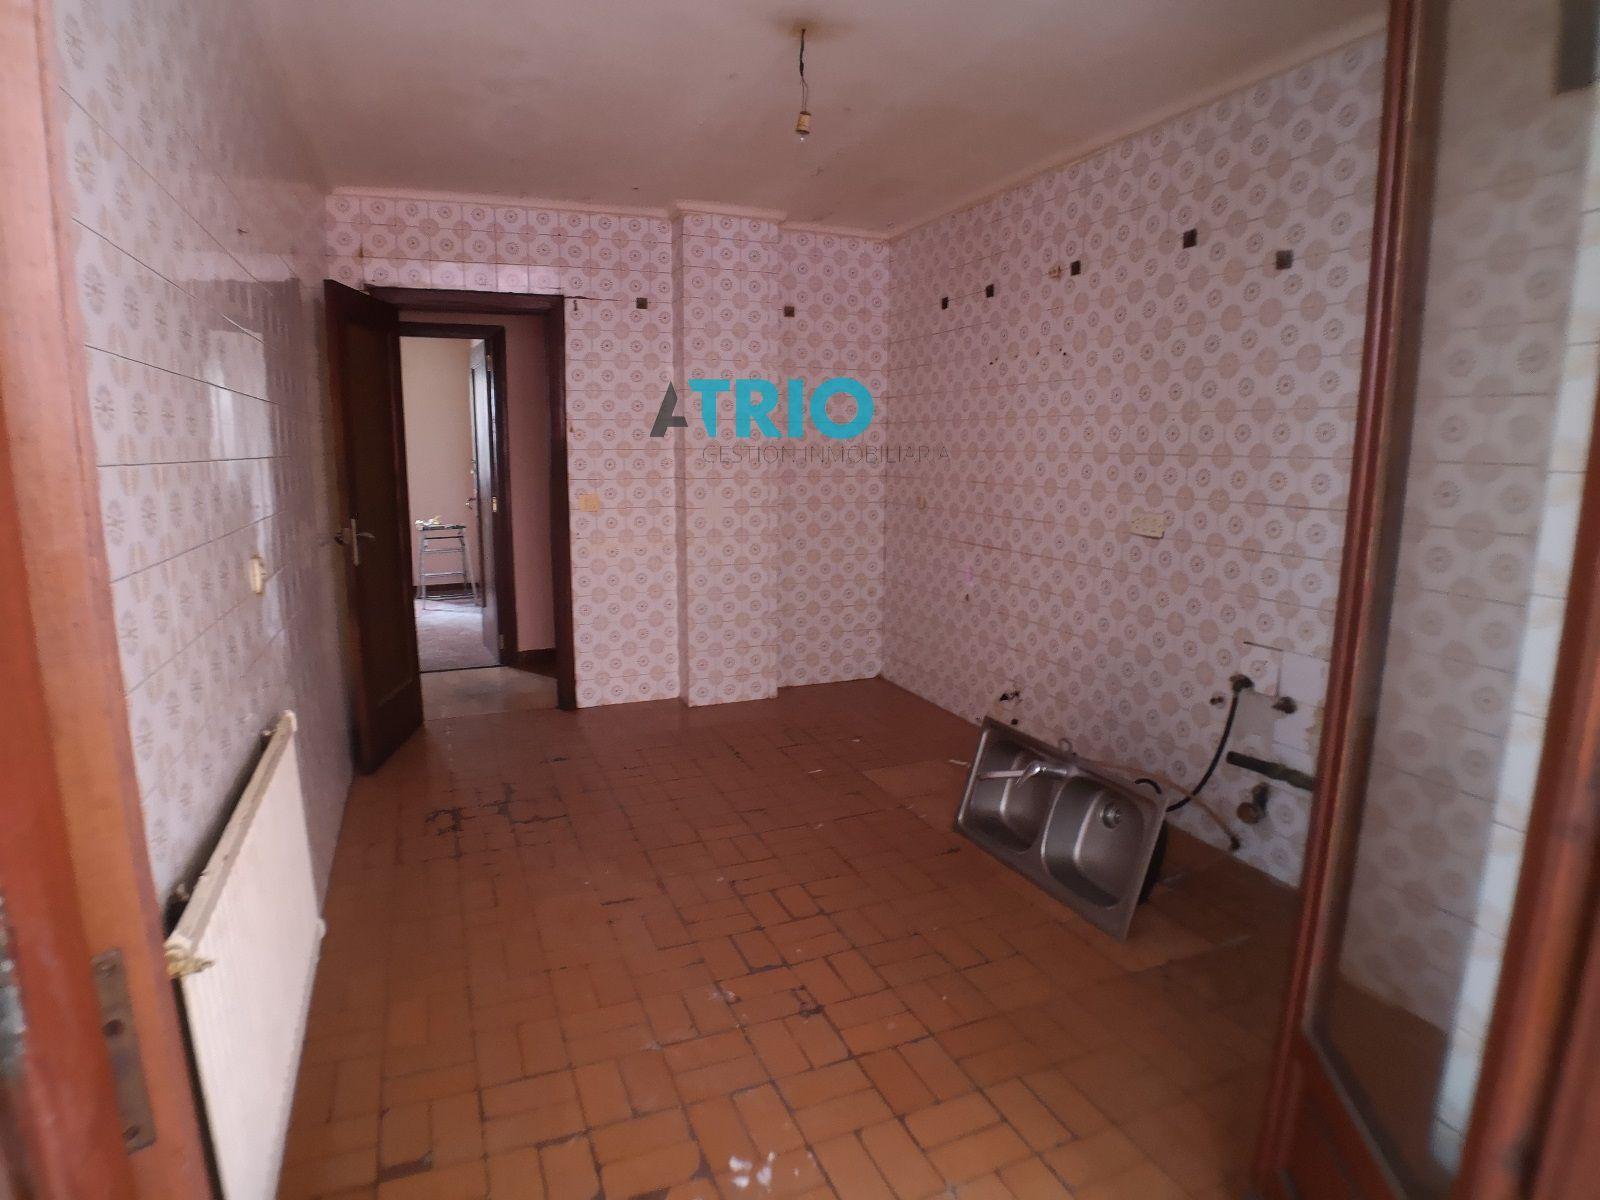 dia.mobiliagestion.es/Portals/inmoatrio/Images/5966/5558971